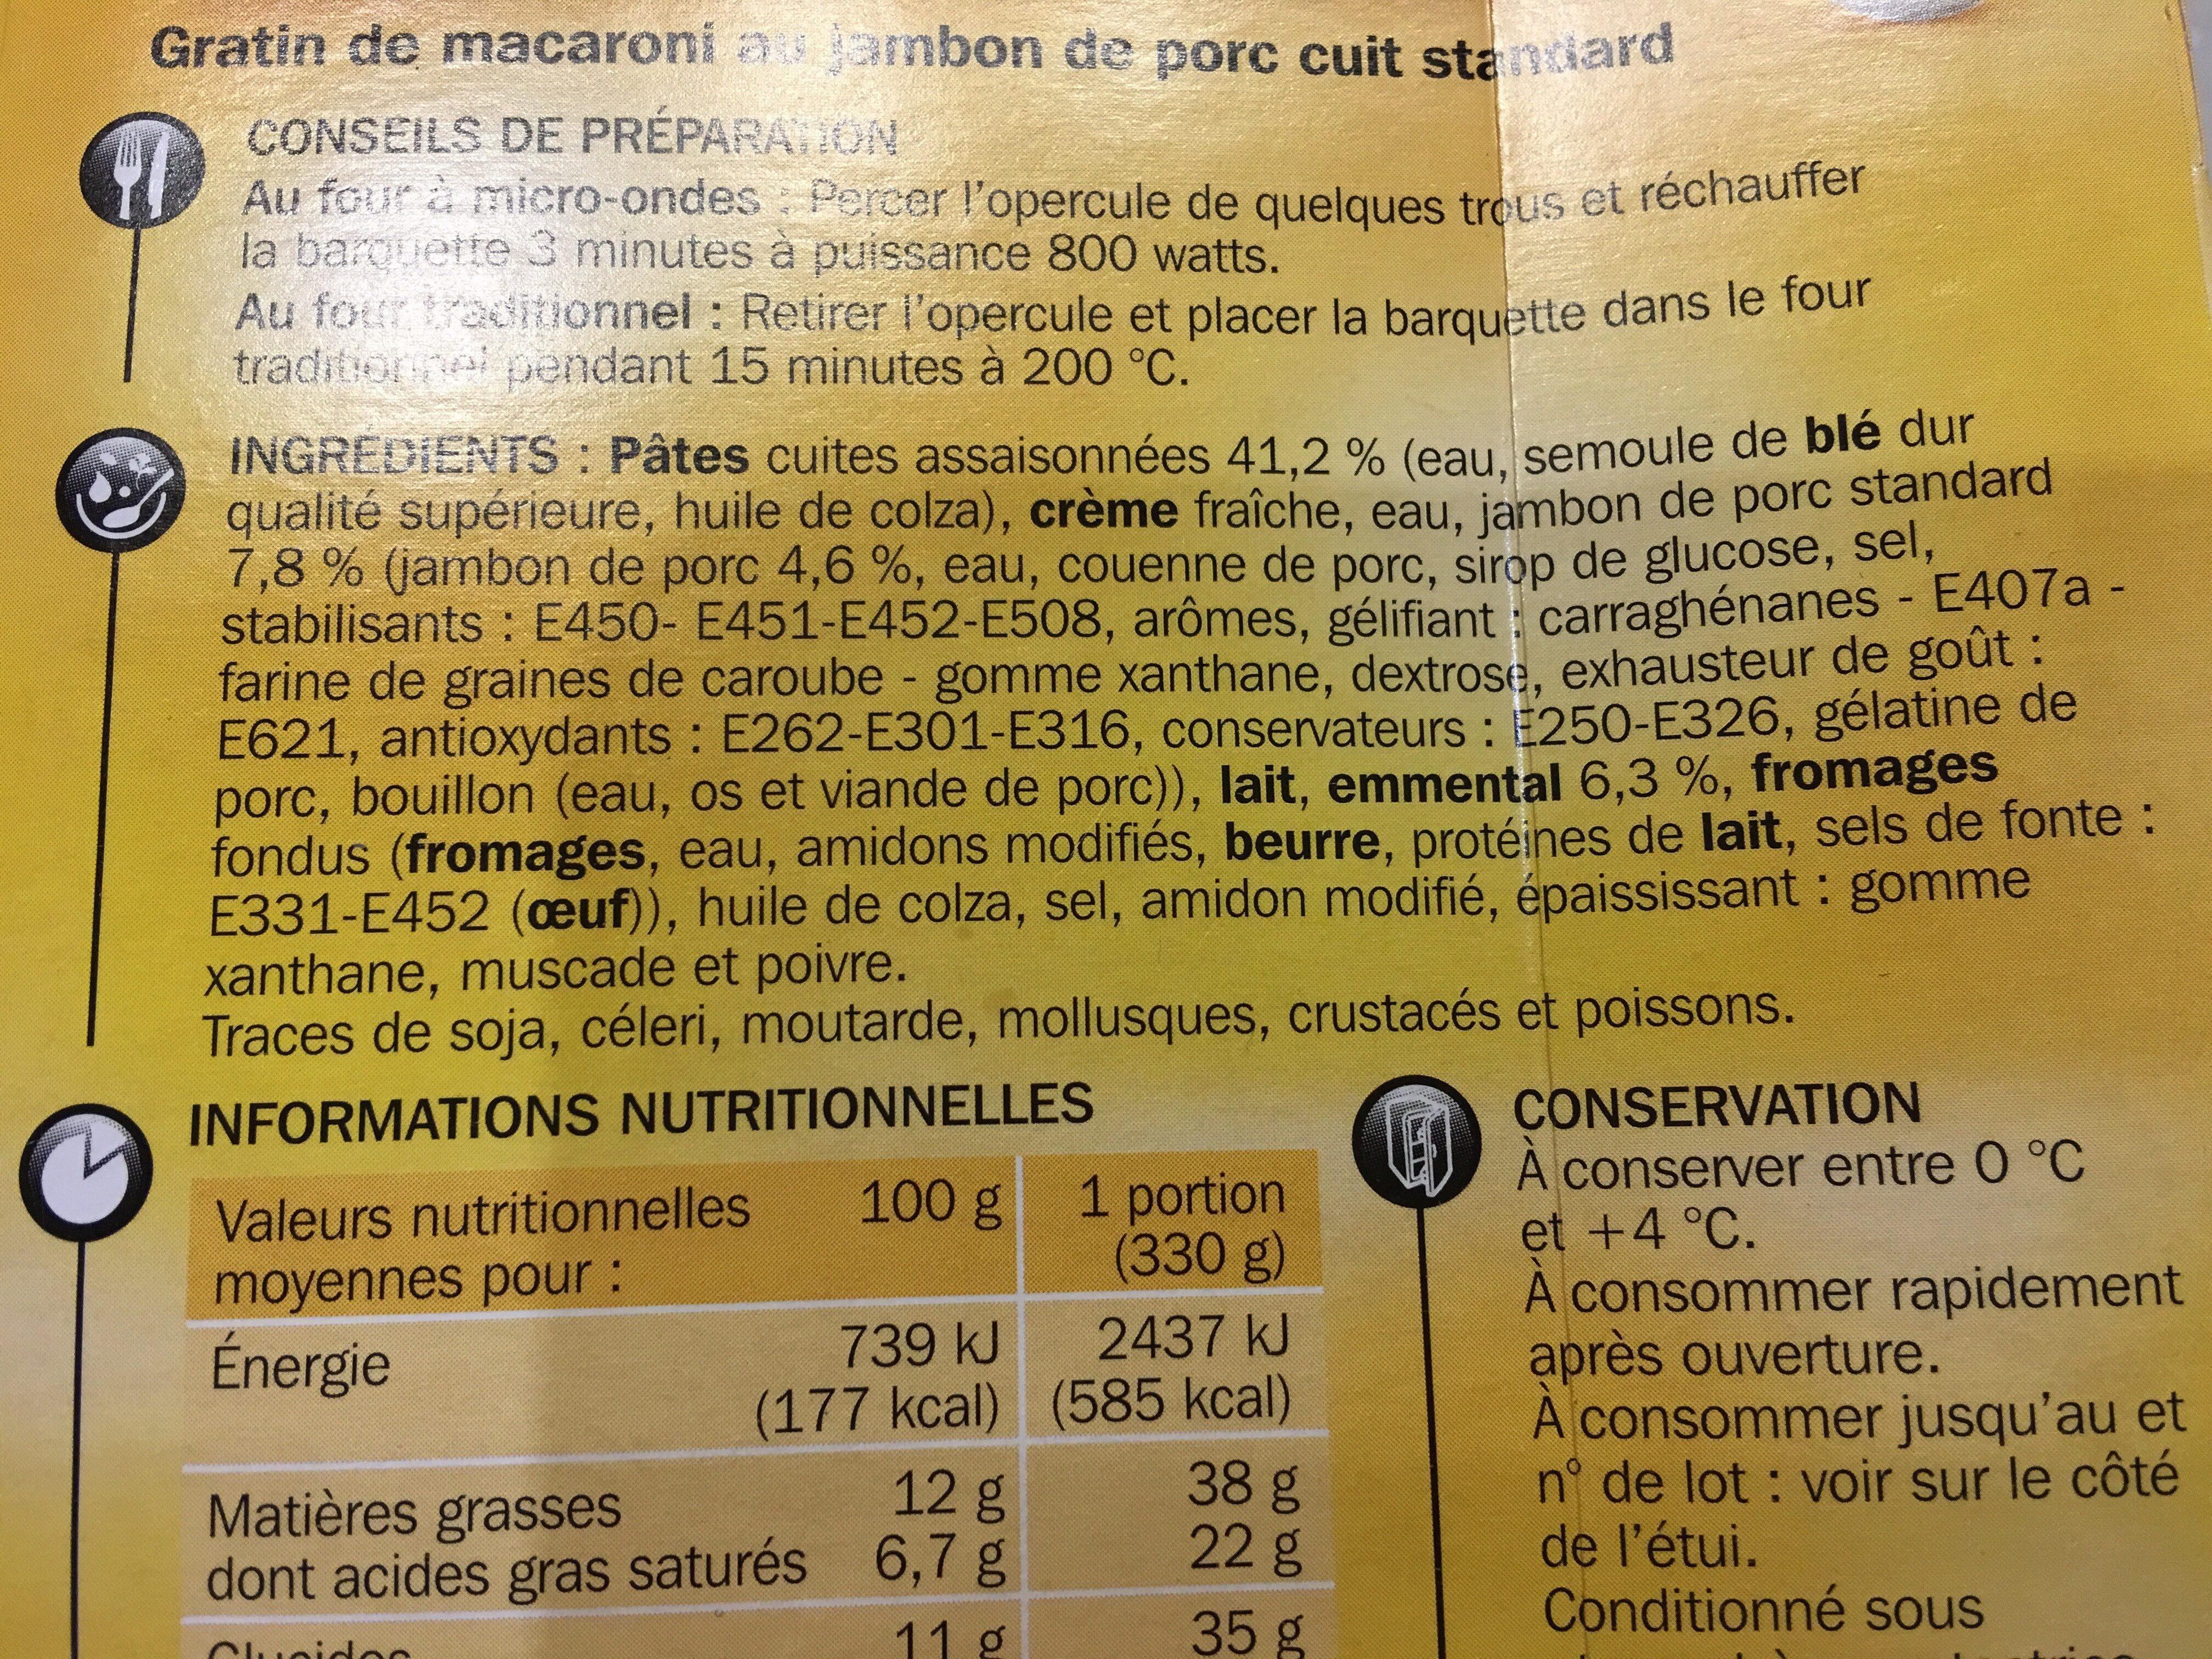 Gratin de macaroni au jambon - Ingrédients